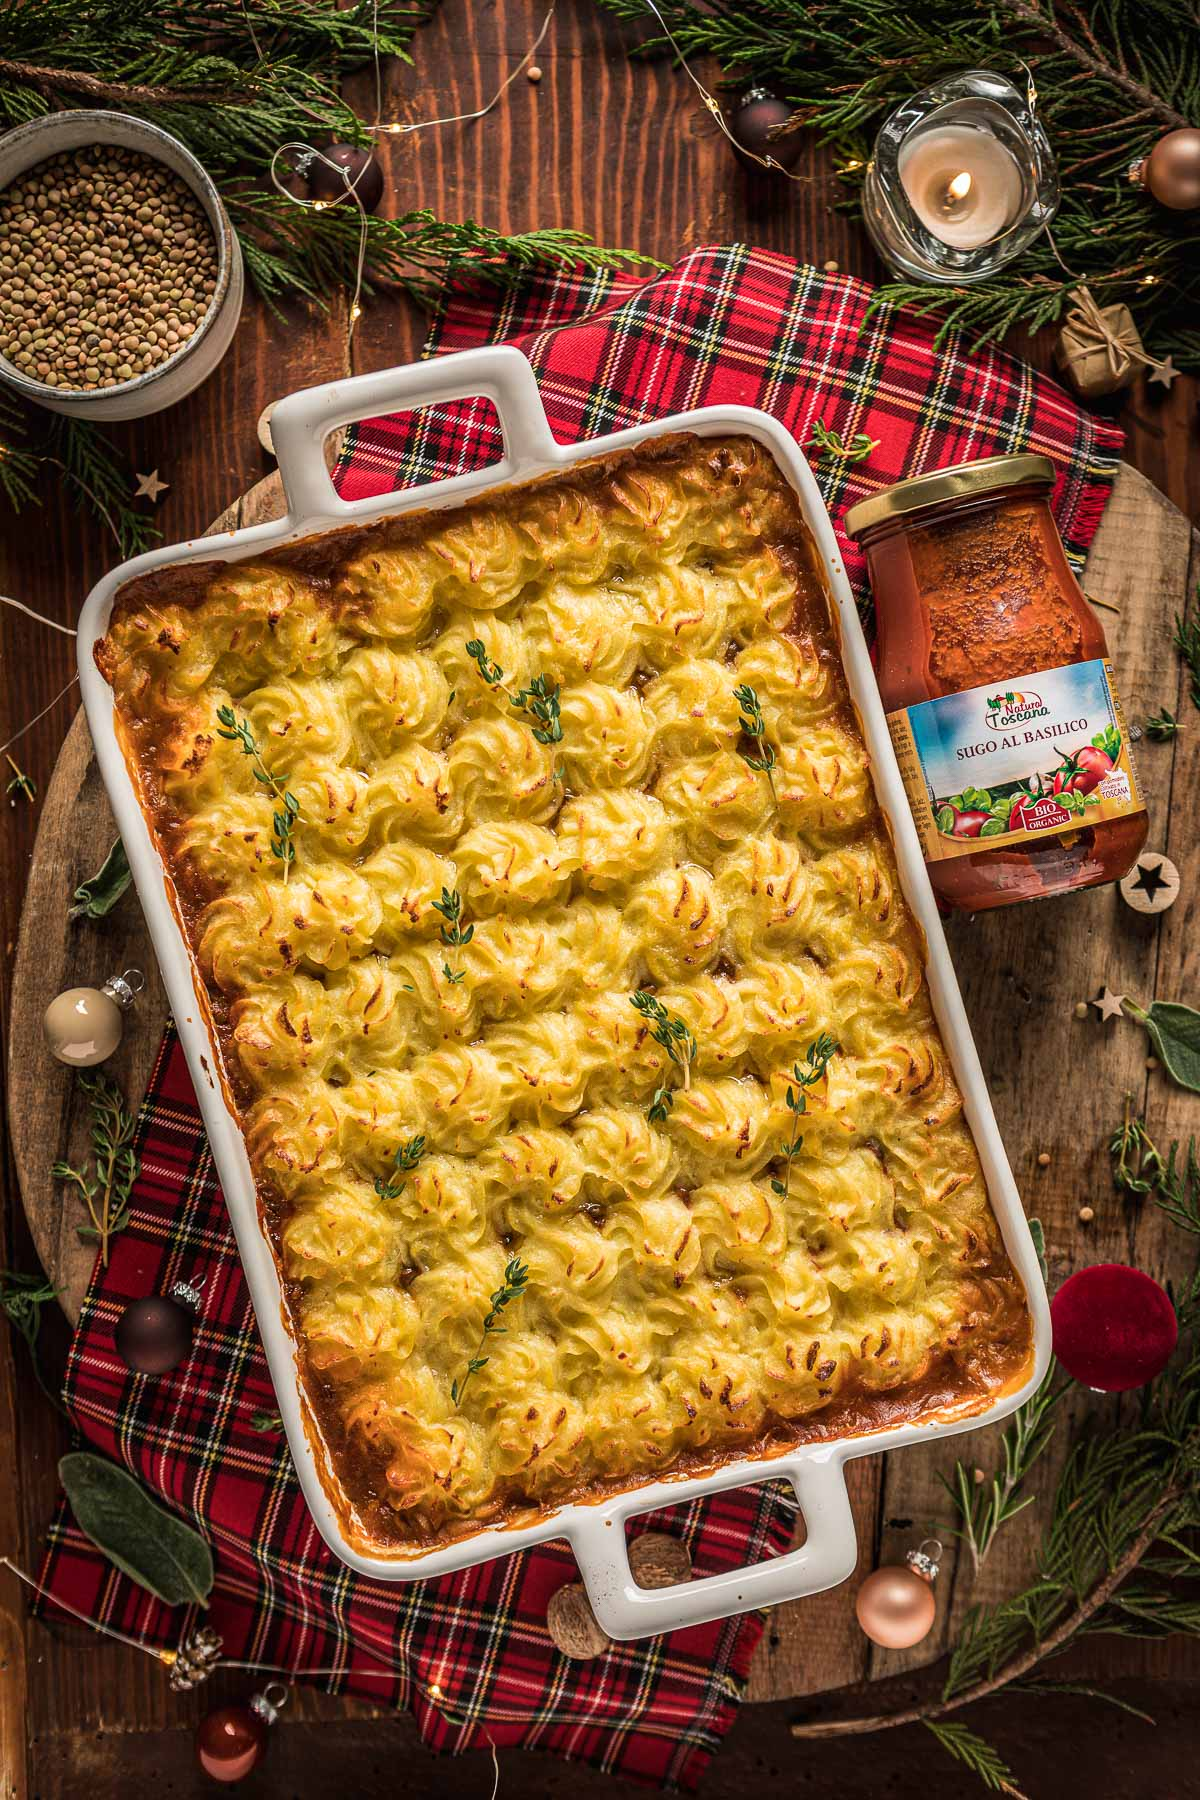 come fare la Shepherd's Pie di lenticchie con ragù di lenticchie funghi e purè di patate How to make Vegan Lentil Shepherd's Pie healthy cottage pie for Thanksgiving